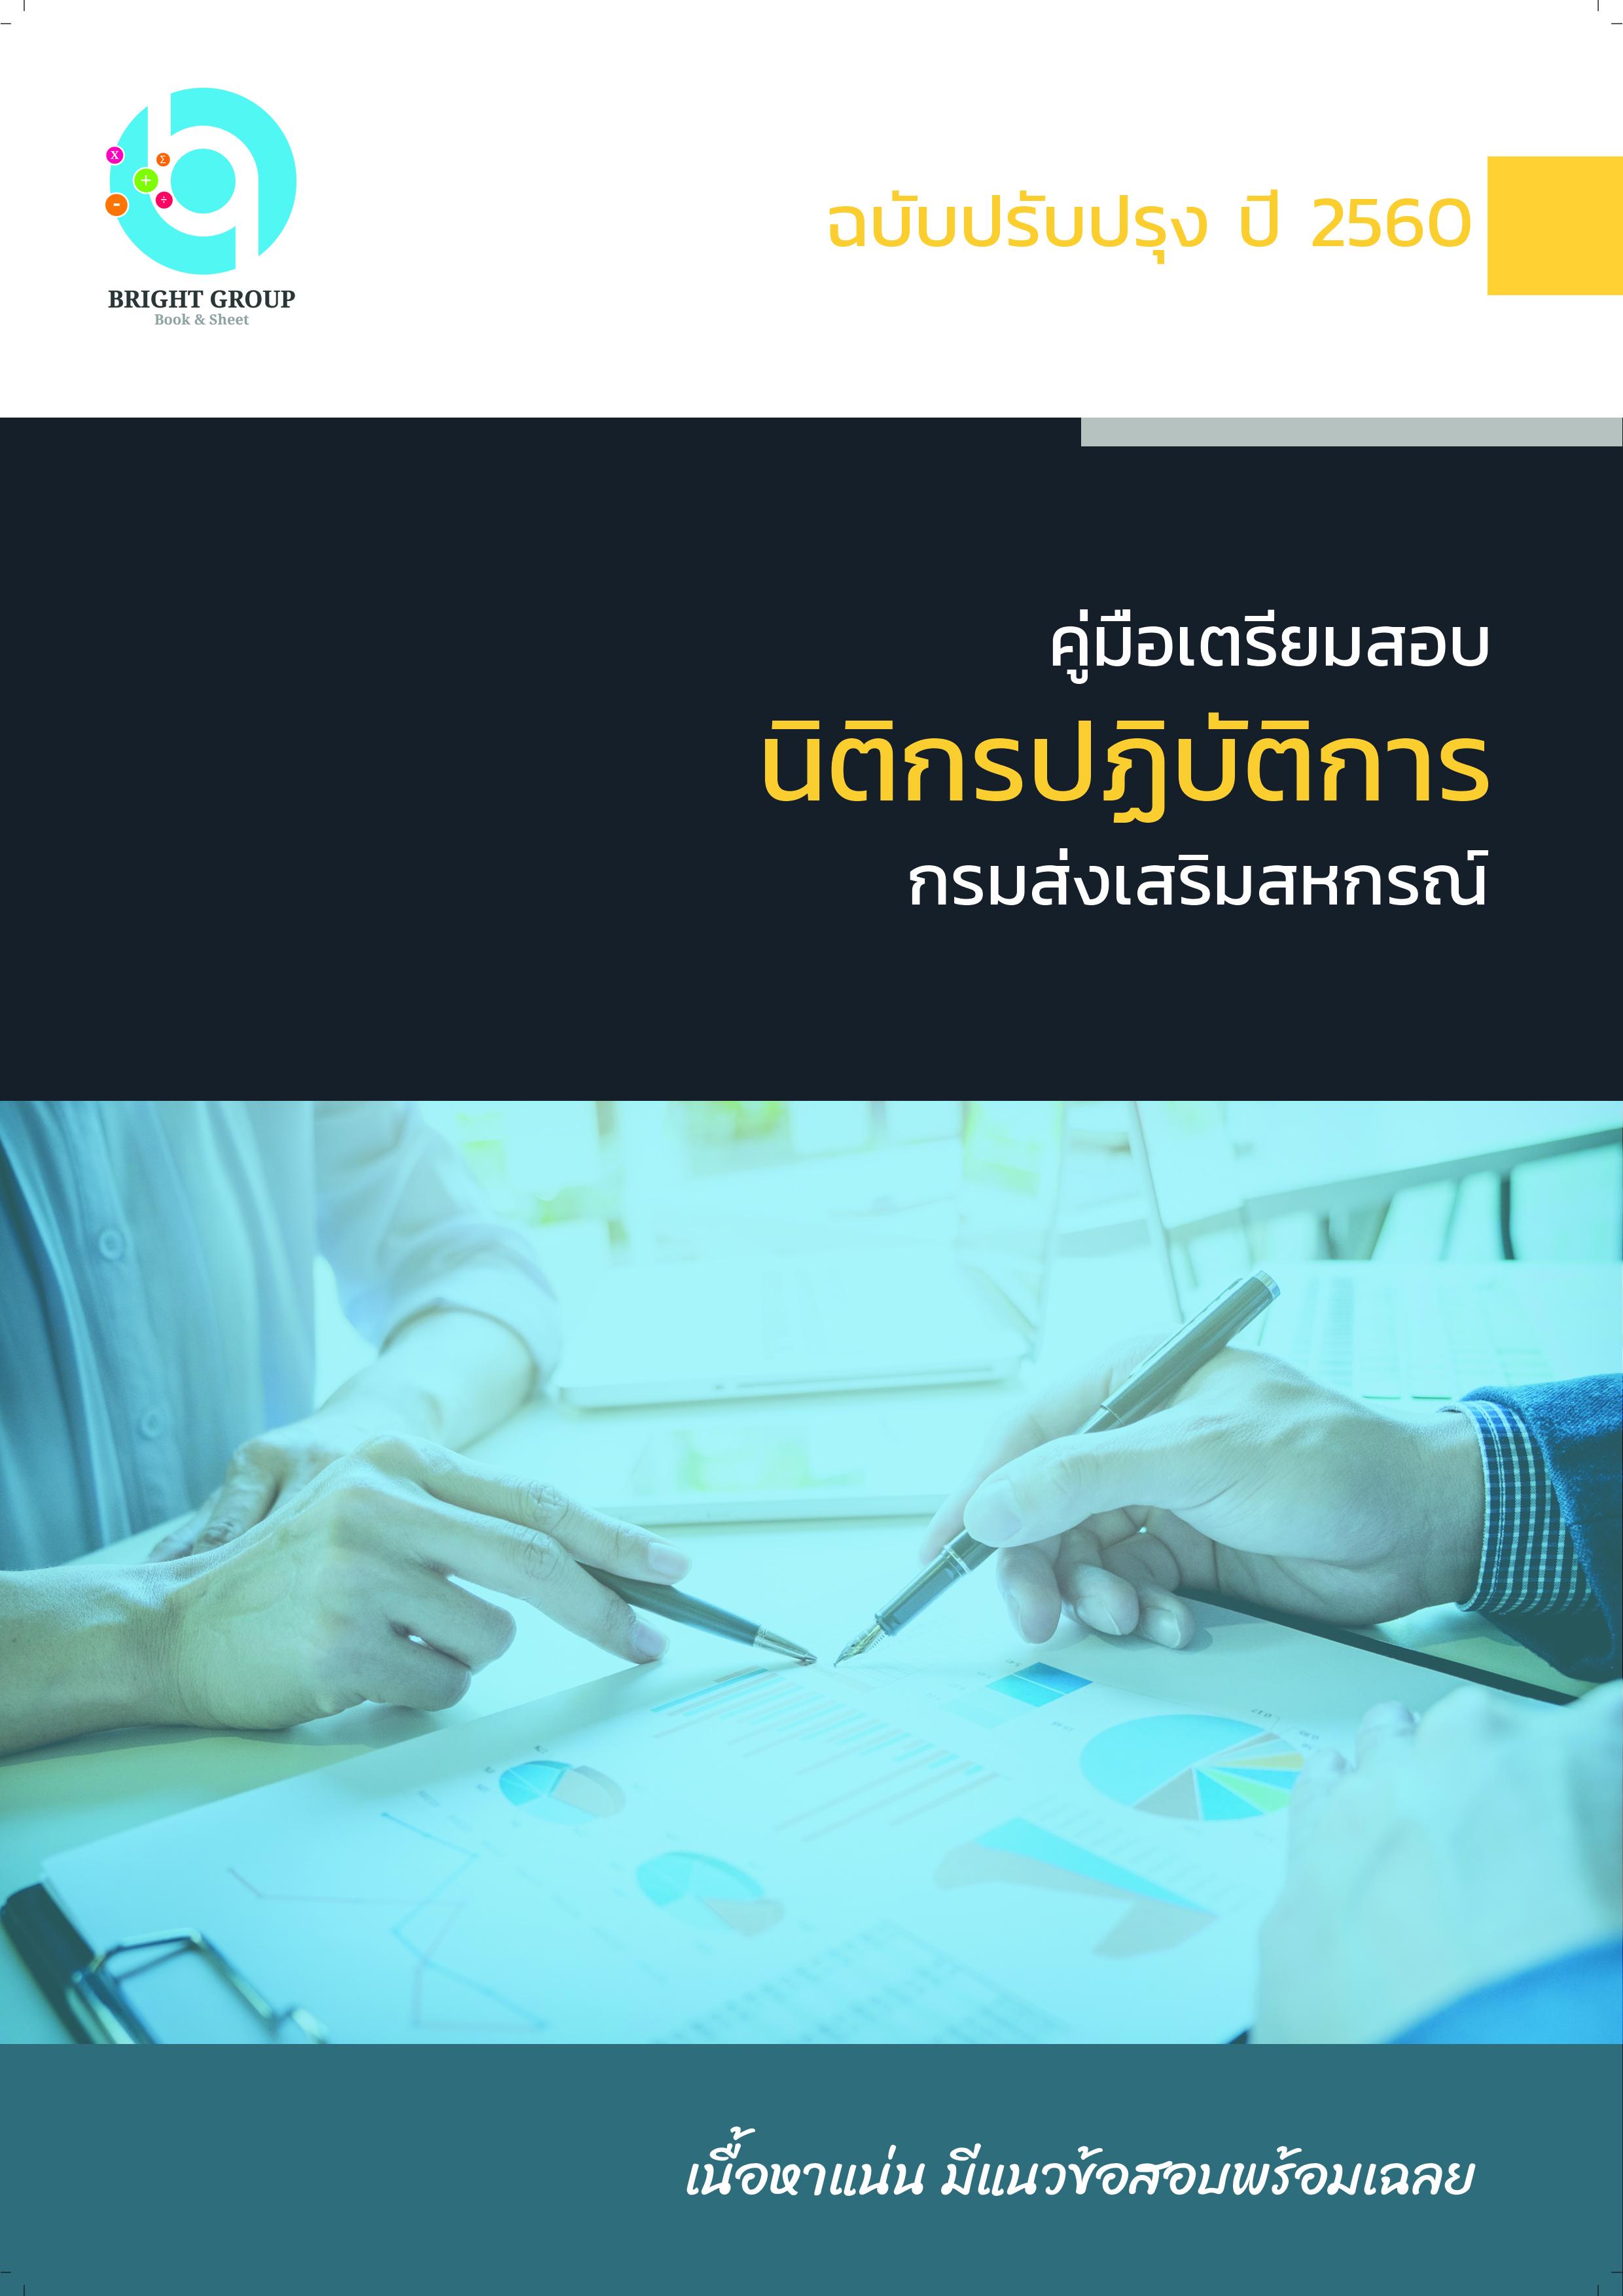 แนวข้อสอบ นิติกรปฏิบัติการ กรมส่งเสริมสหกรณ์ 2560